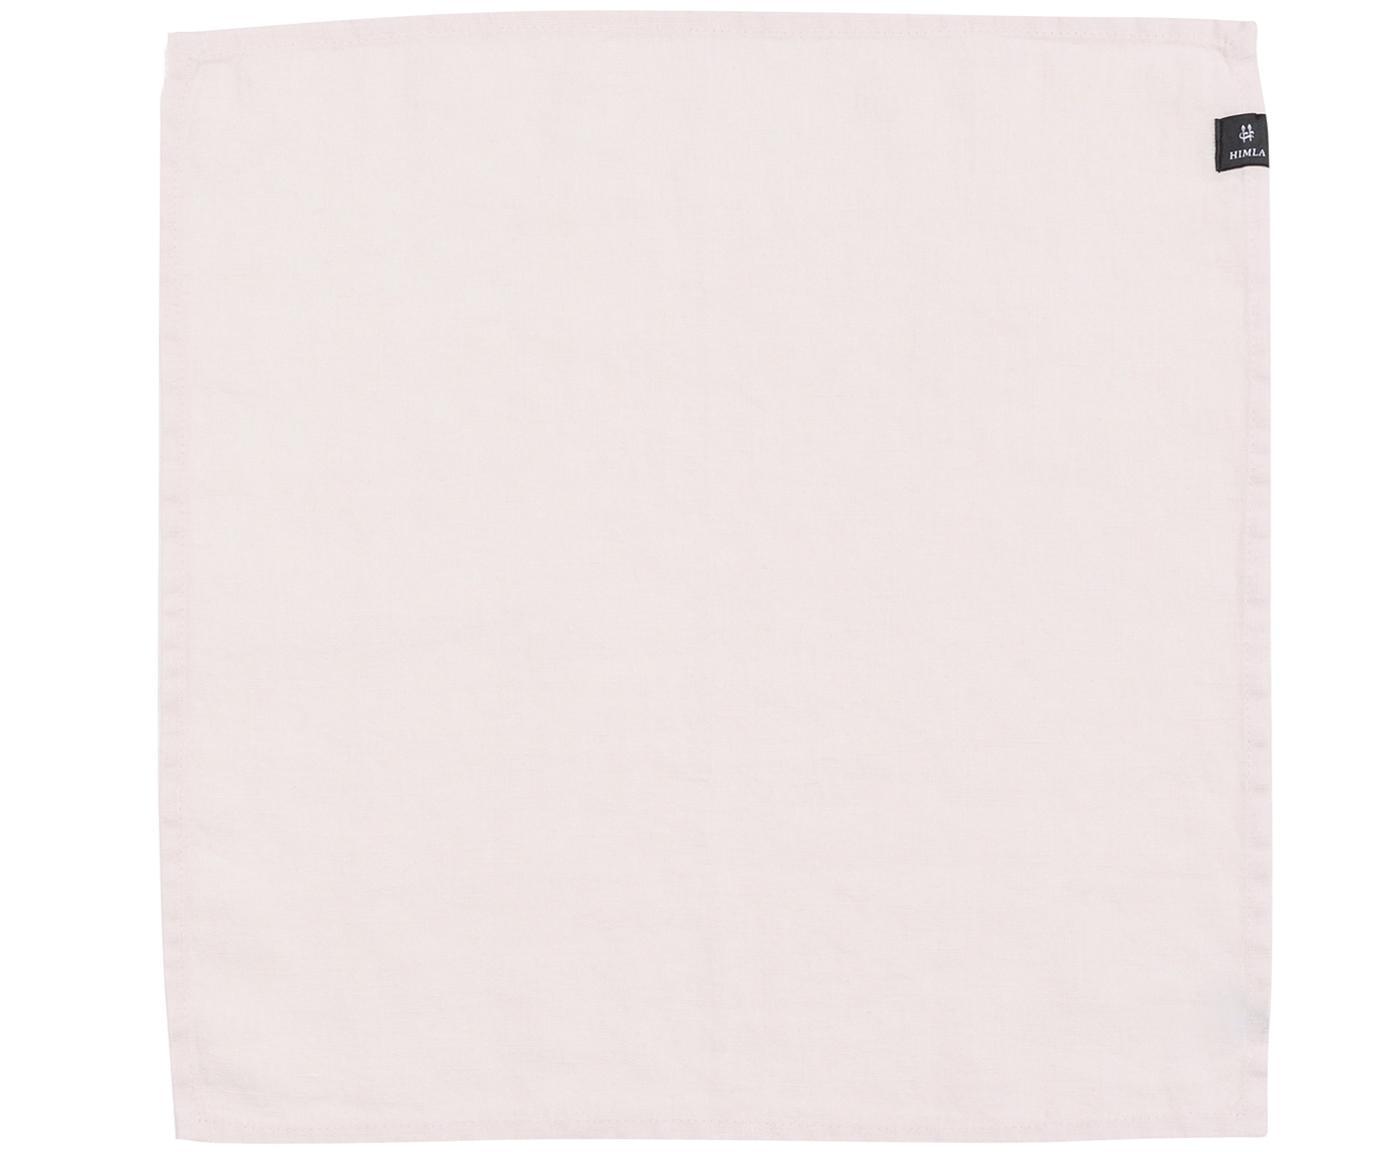 Leinen-Servietten Sunshine, 4 Stück, Leinen, Rosa, 45 x 45 cm